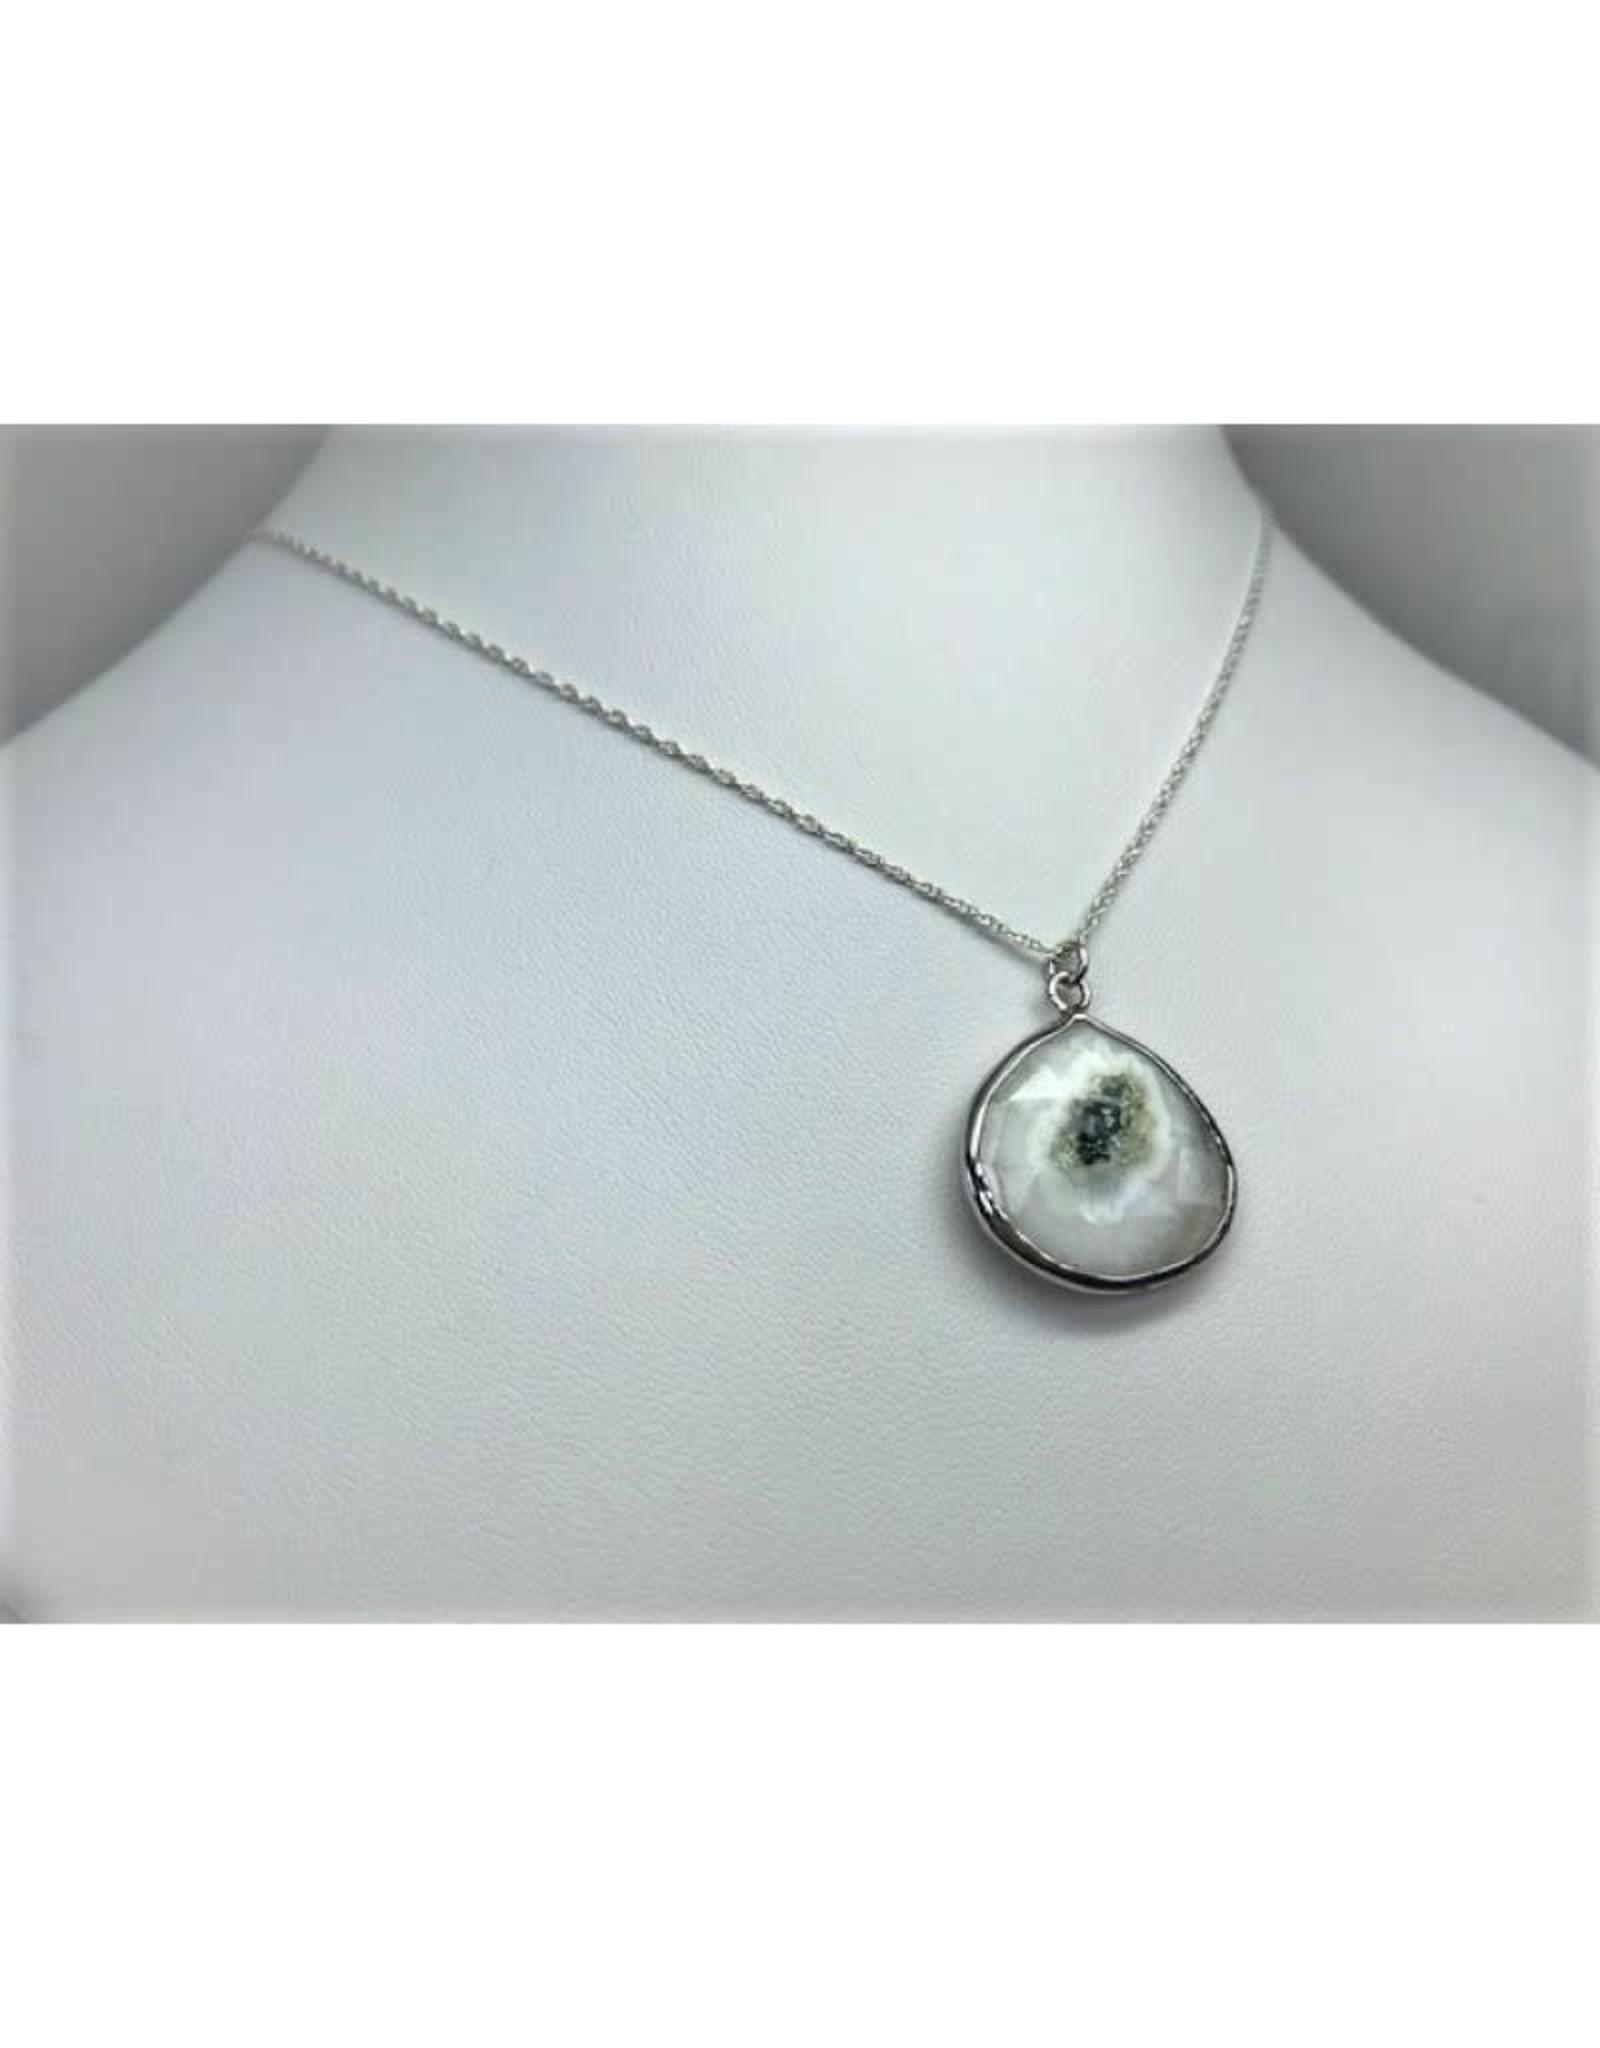 Solar Quartz Pendant Necklace - Silver